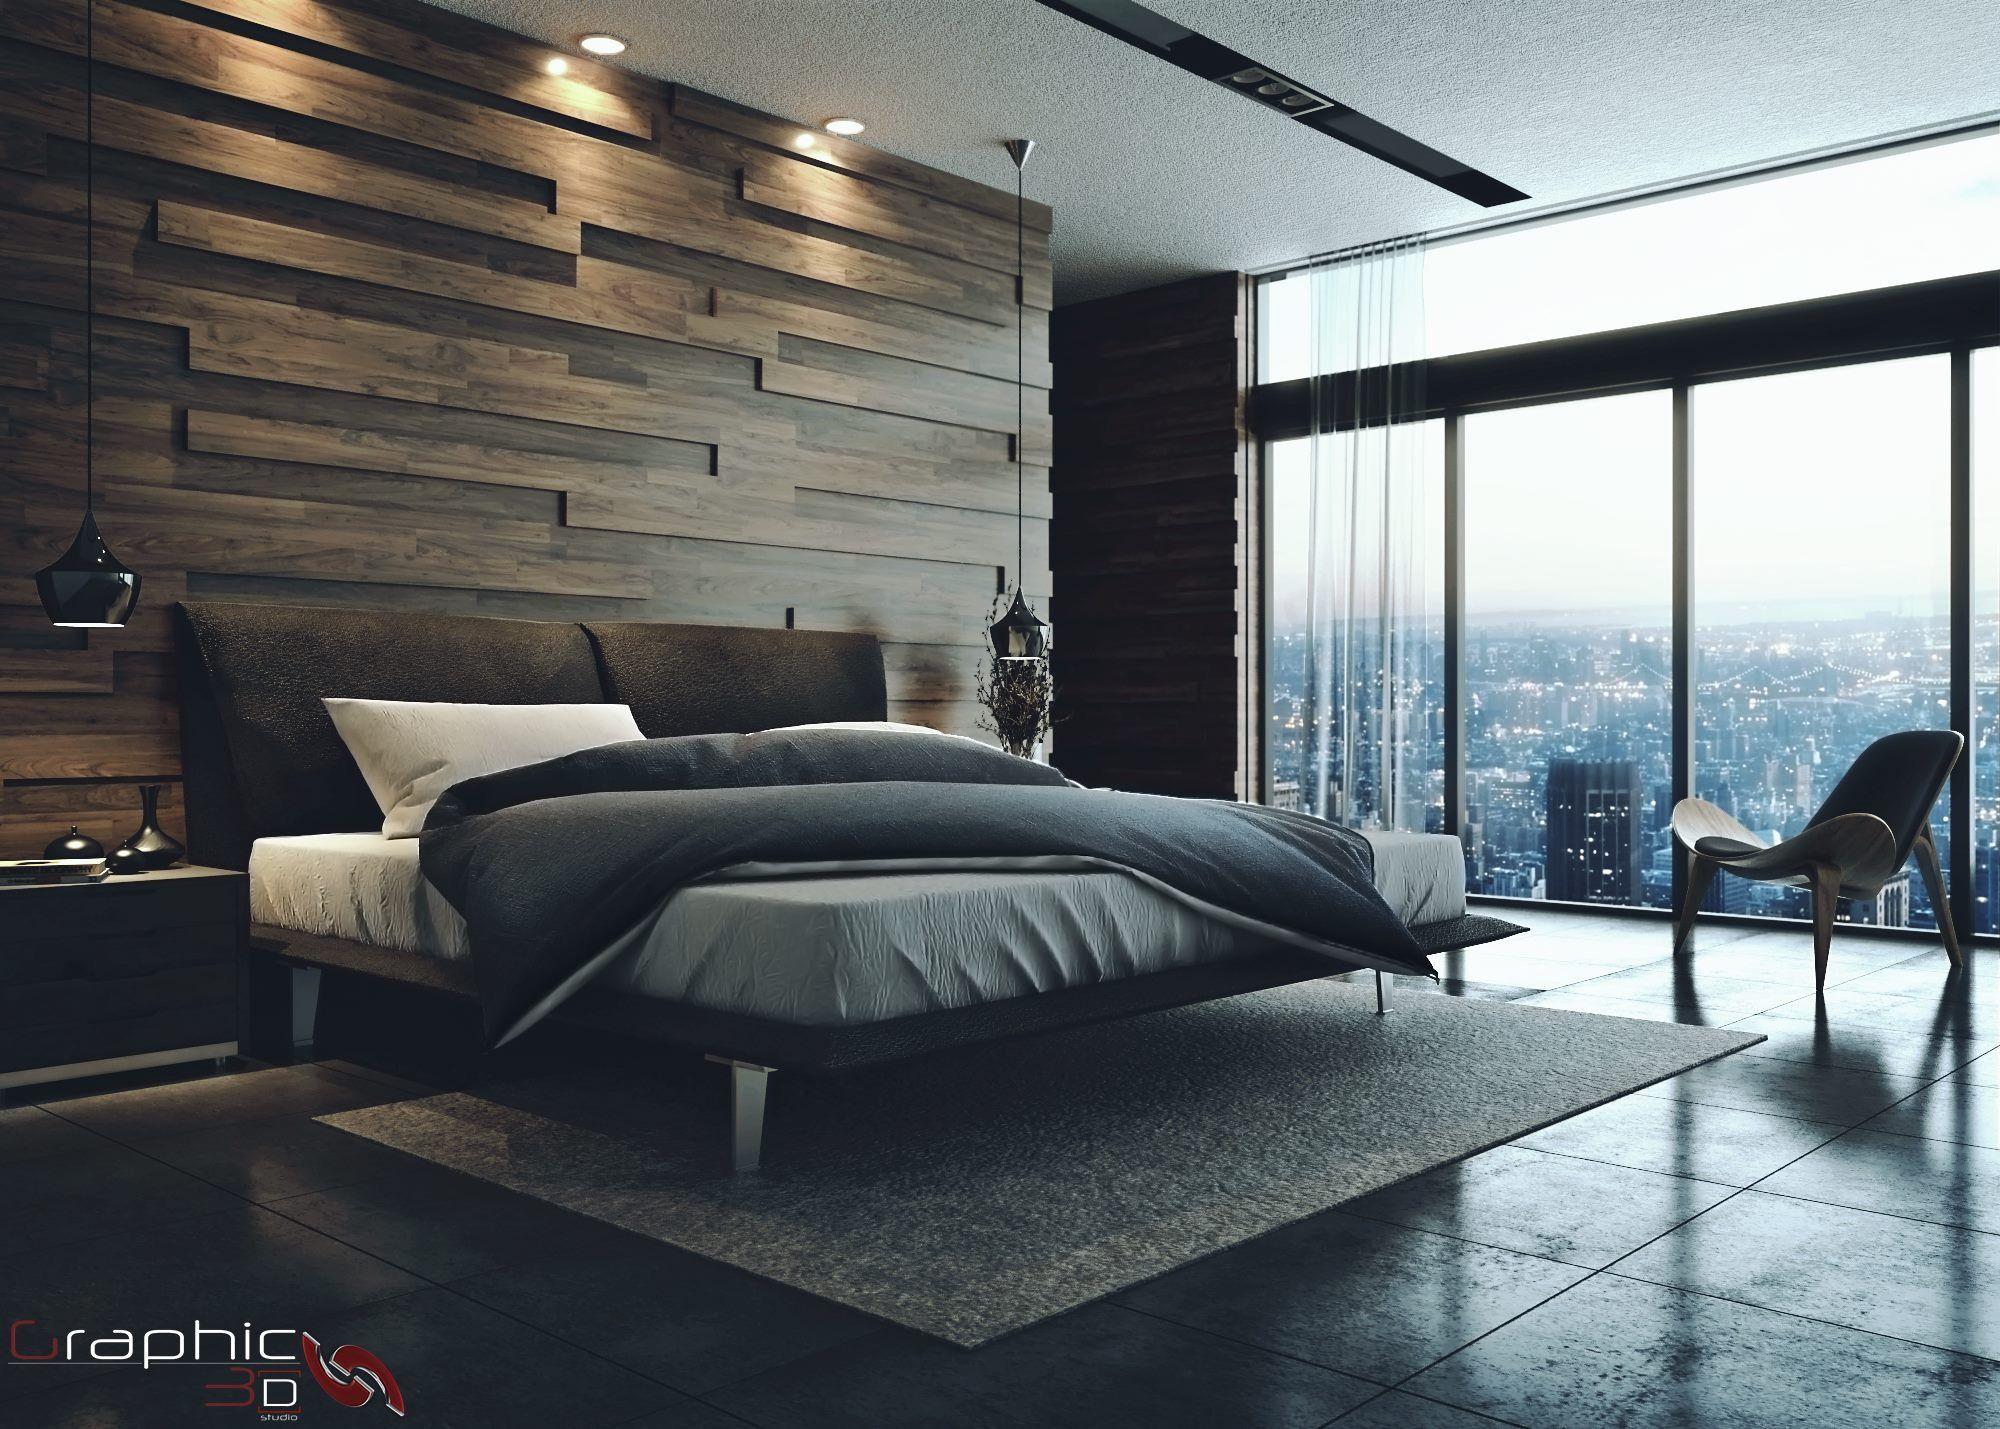 modern bedrooms master bedrooms house interior design apartment interior contemporary bathrooms bedroom designs bedroom ideas camas queen size